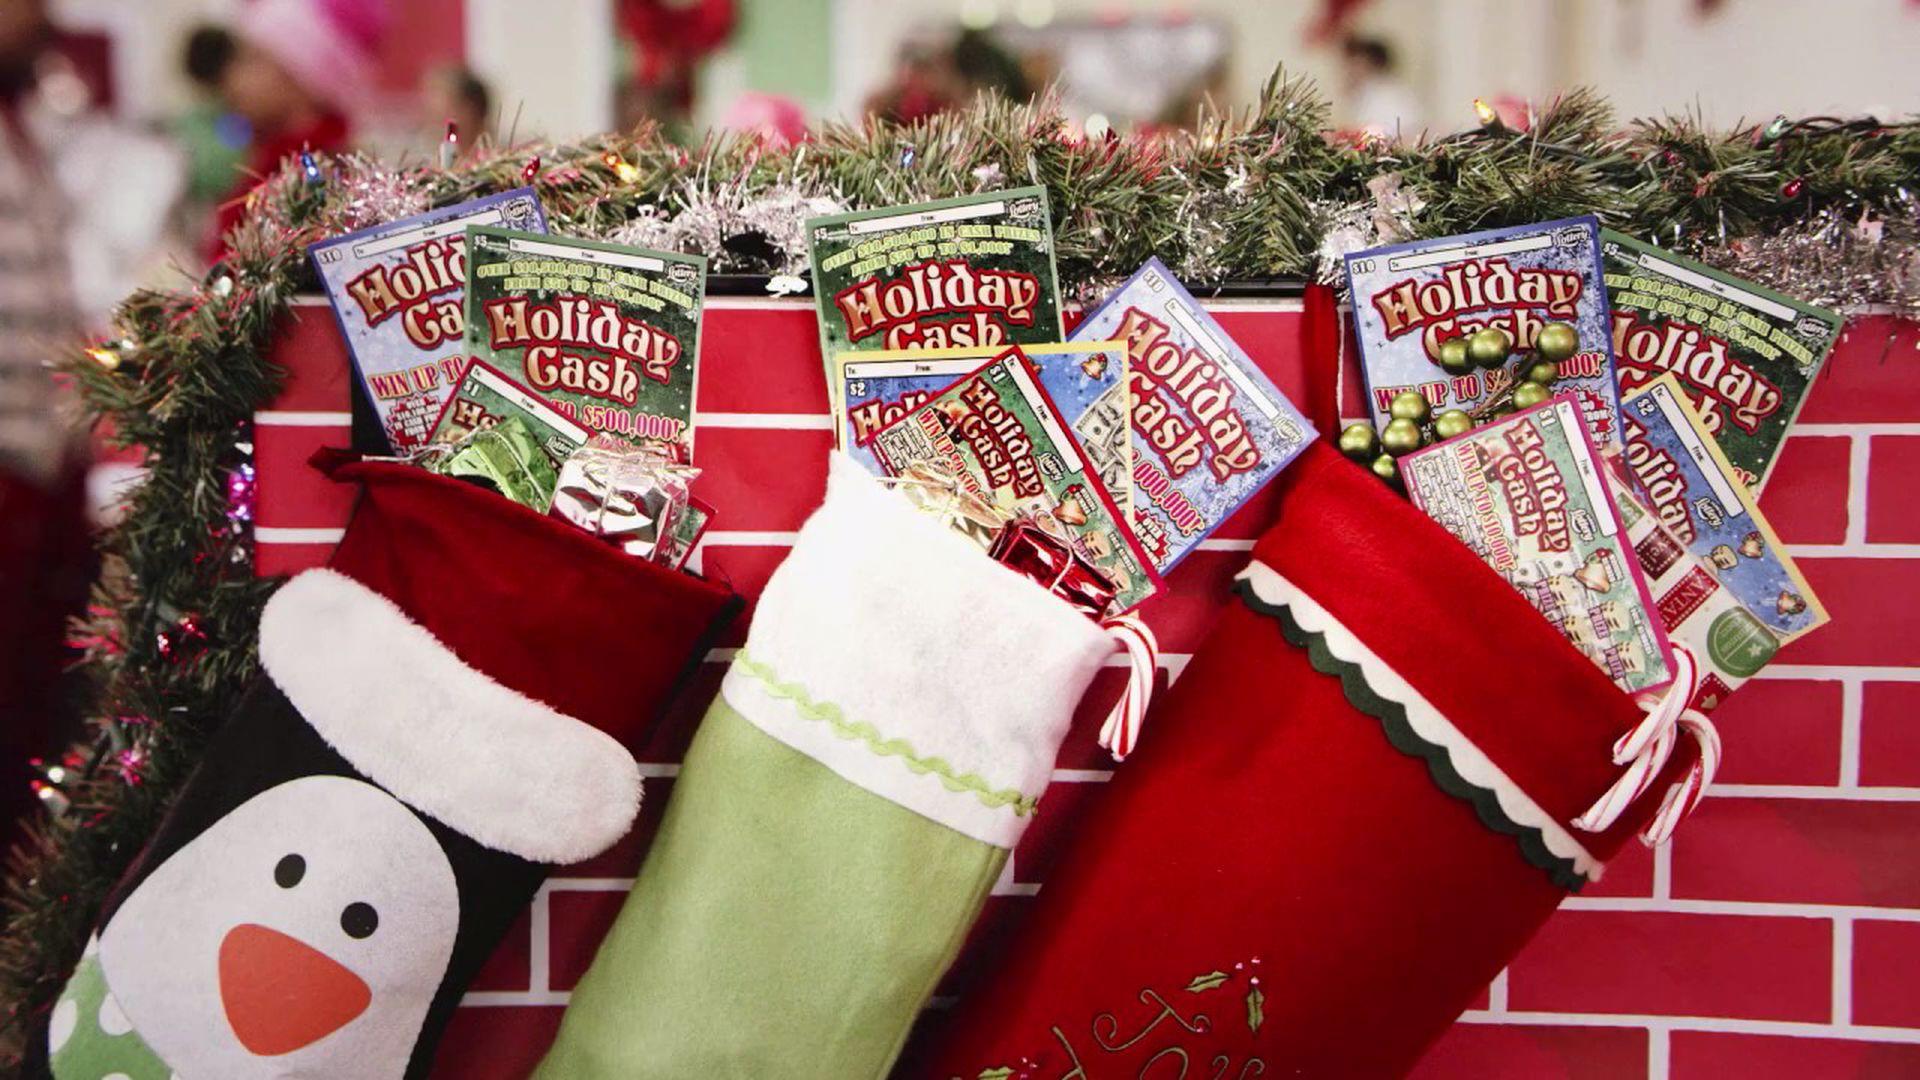 Loto 24 decembrie 2020. Premii mari și trageri speciale cu ocazia Crăciunului